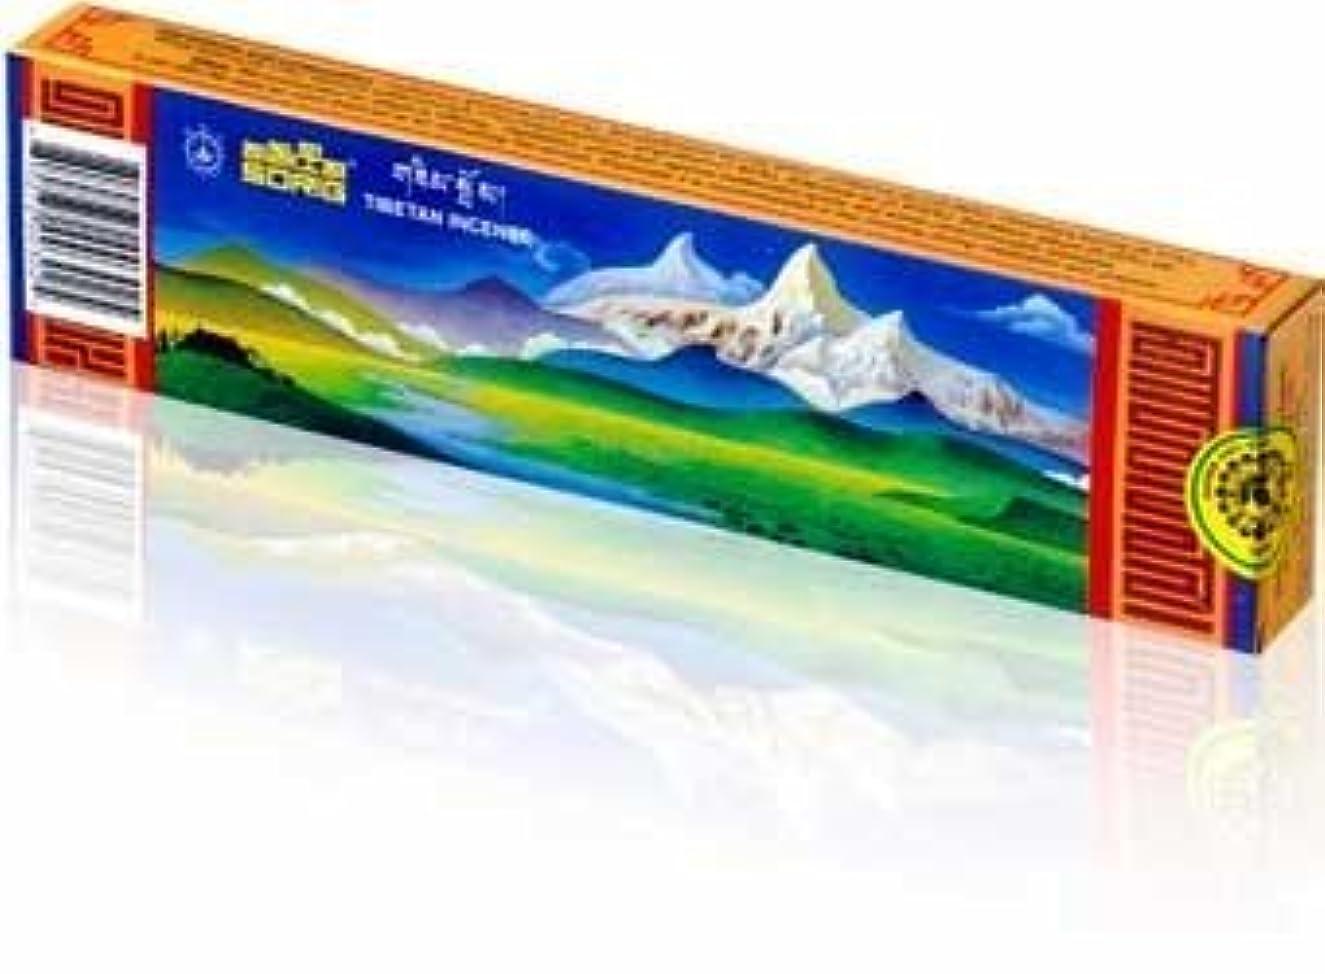 電化する二次テメリティSorig Natural Handmade Tibetan Incense Sticks by Men-Tsee-Khang- 20/40/60 Count (40) by Men-Tsee-Khang [並行輸入品]